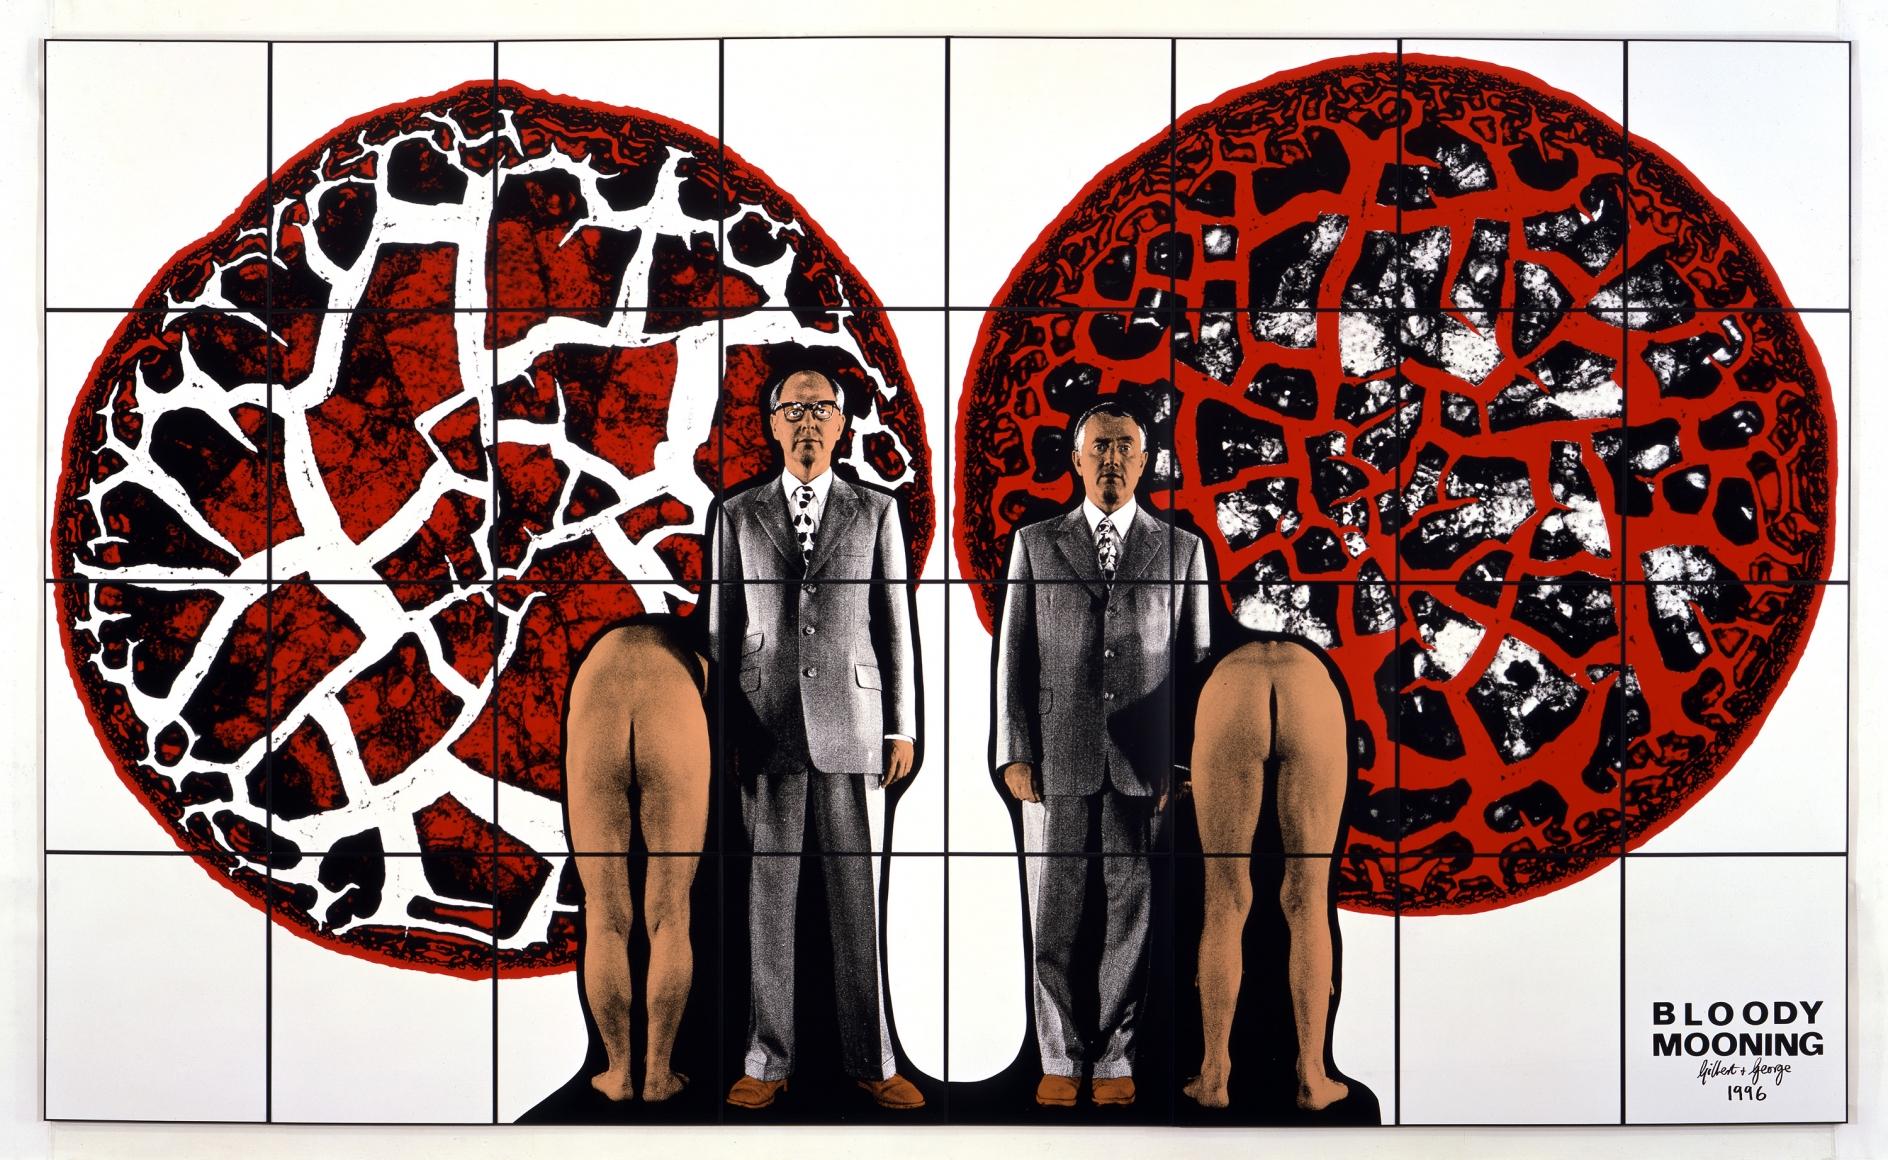 比利·查爾迪斯 Bloody Mooning, 1996